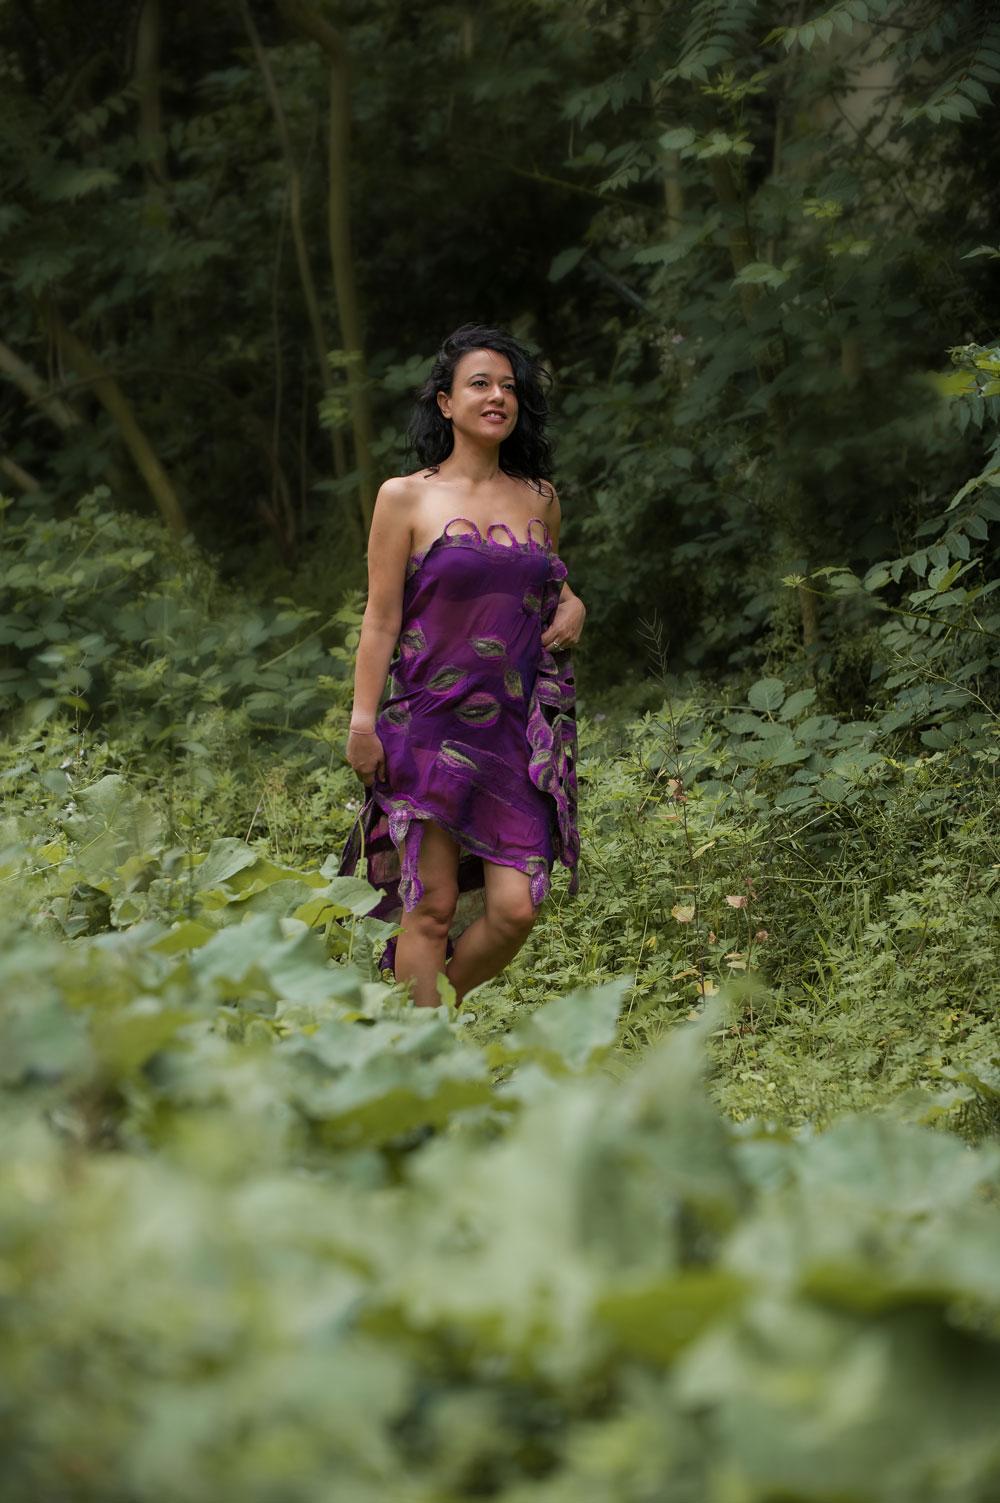 sawatou-felt-fashion-dress-violet2-WEB